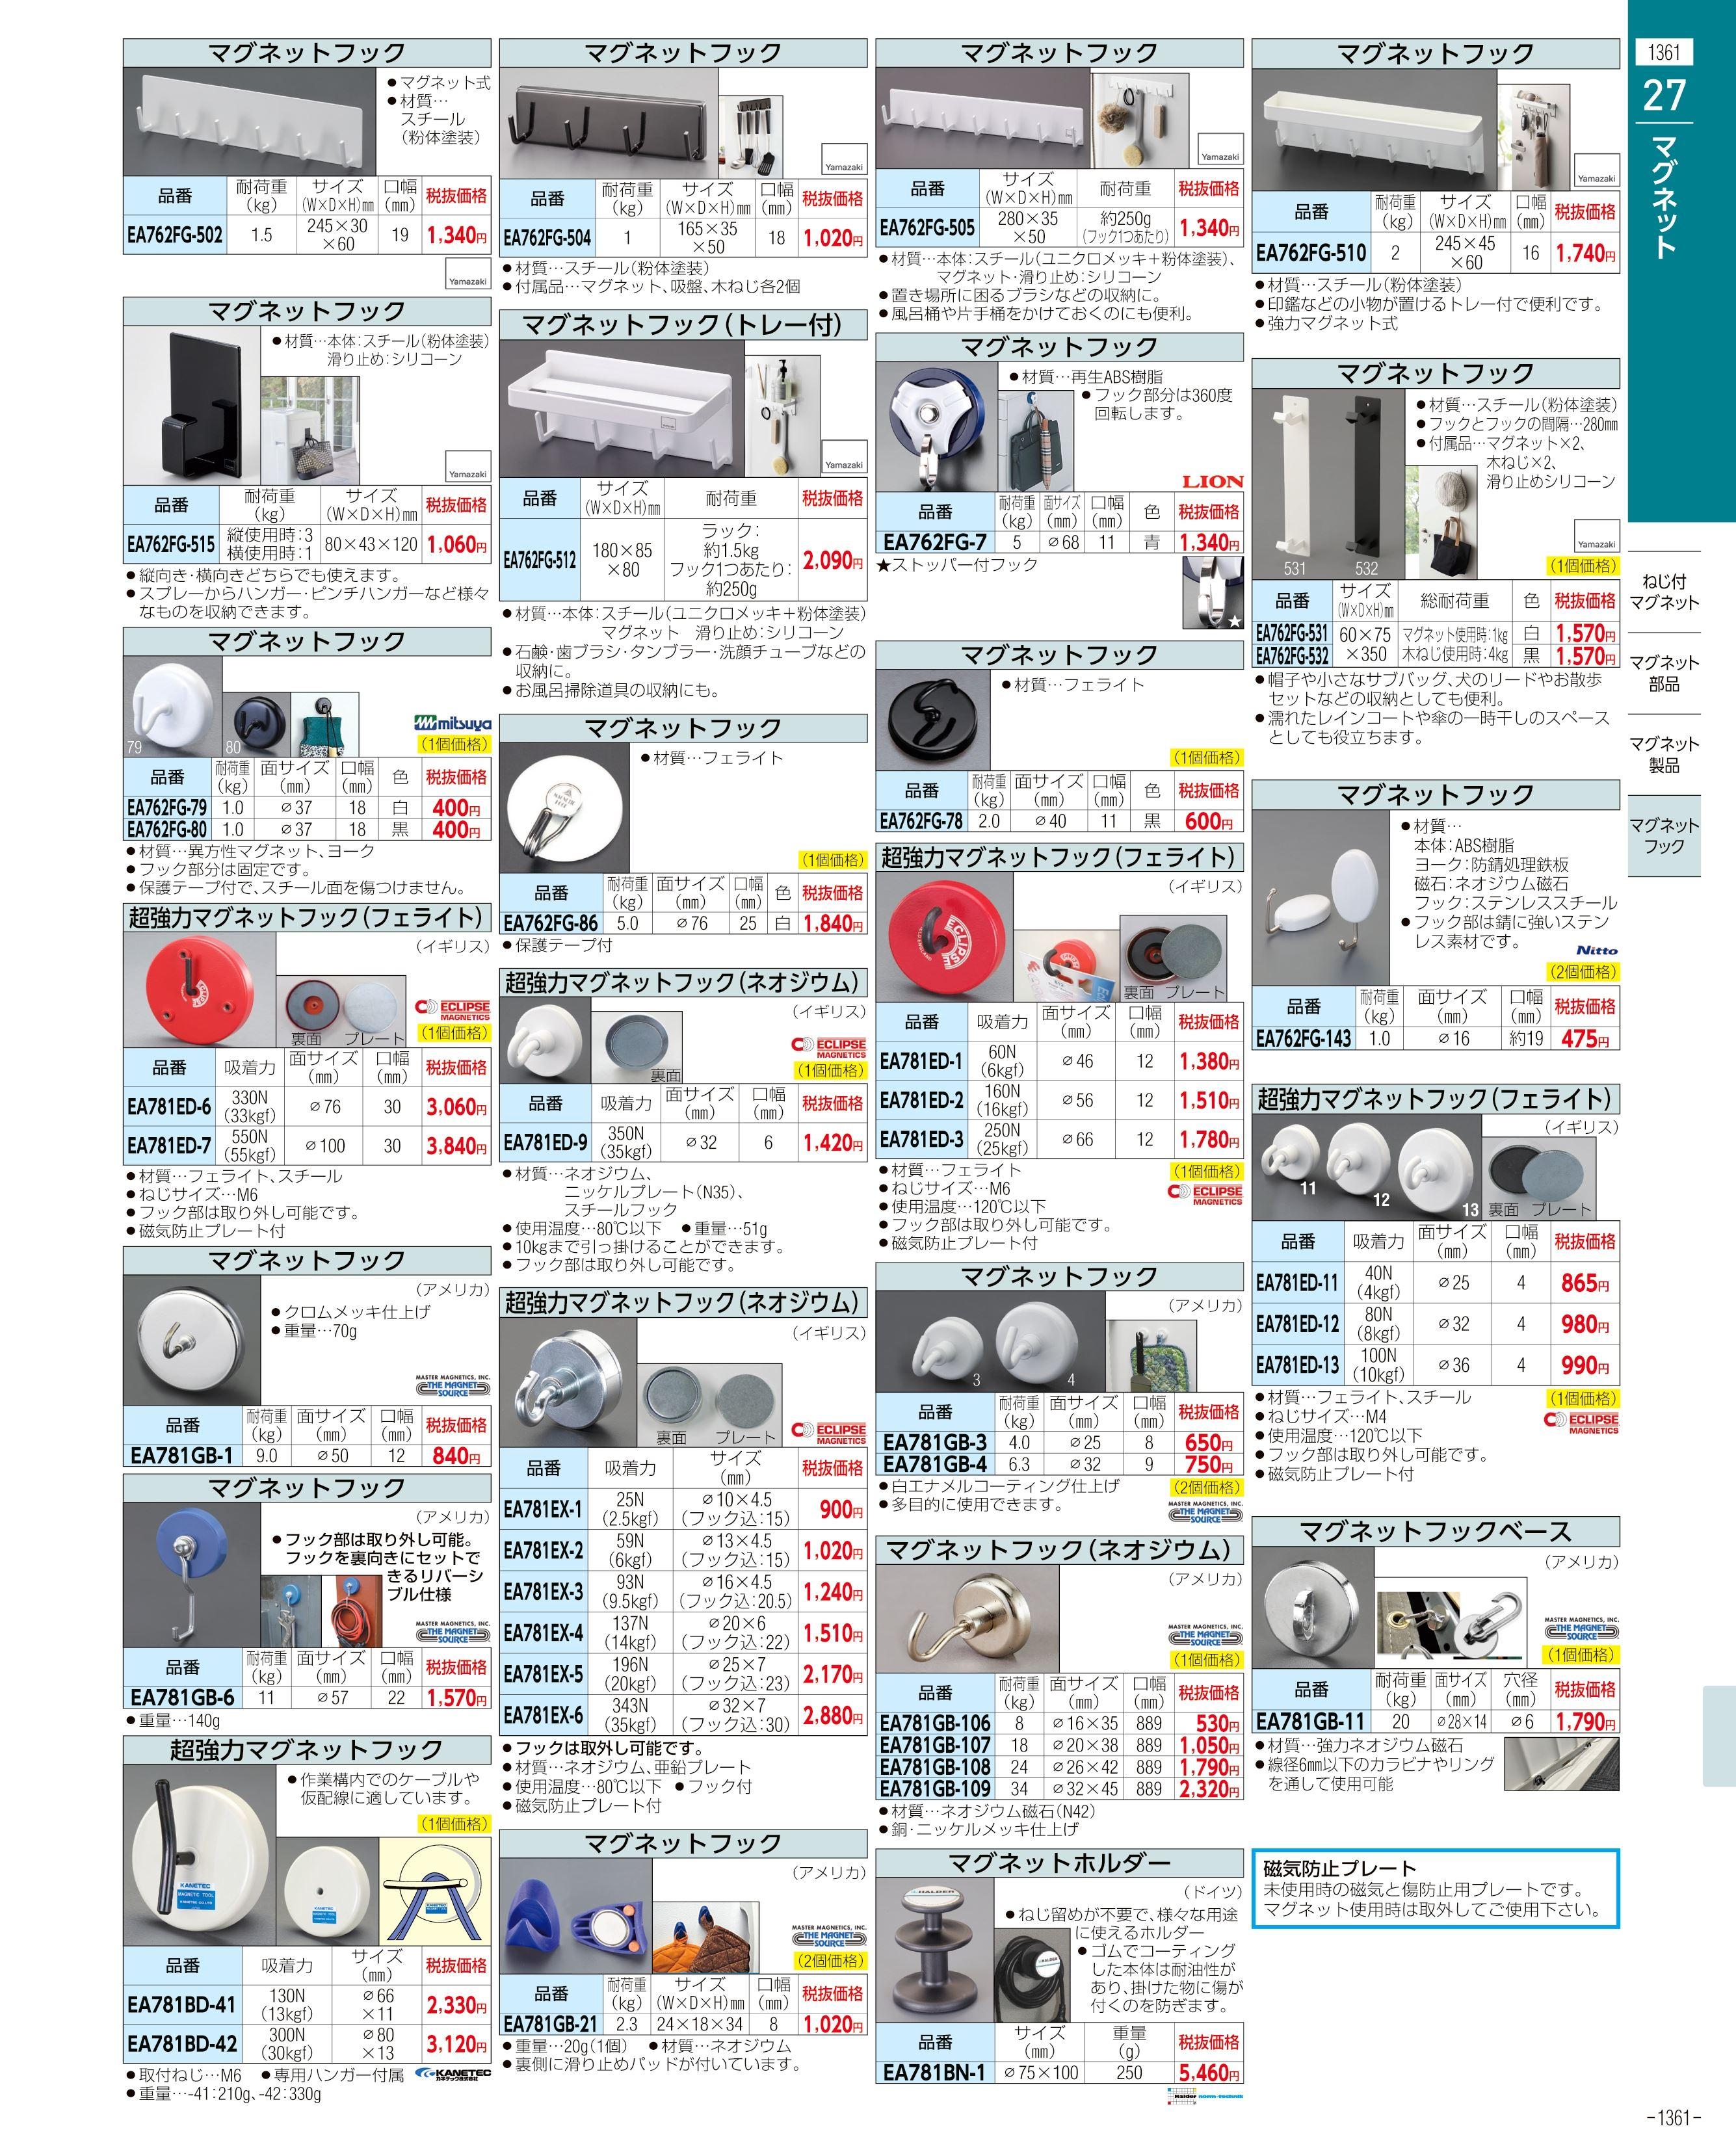 エスコ便利カタログ1361ページ